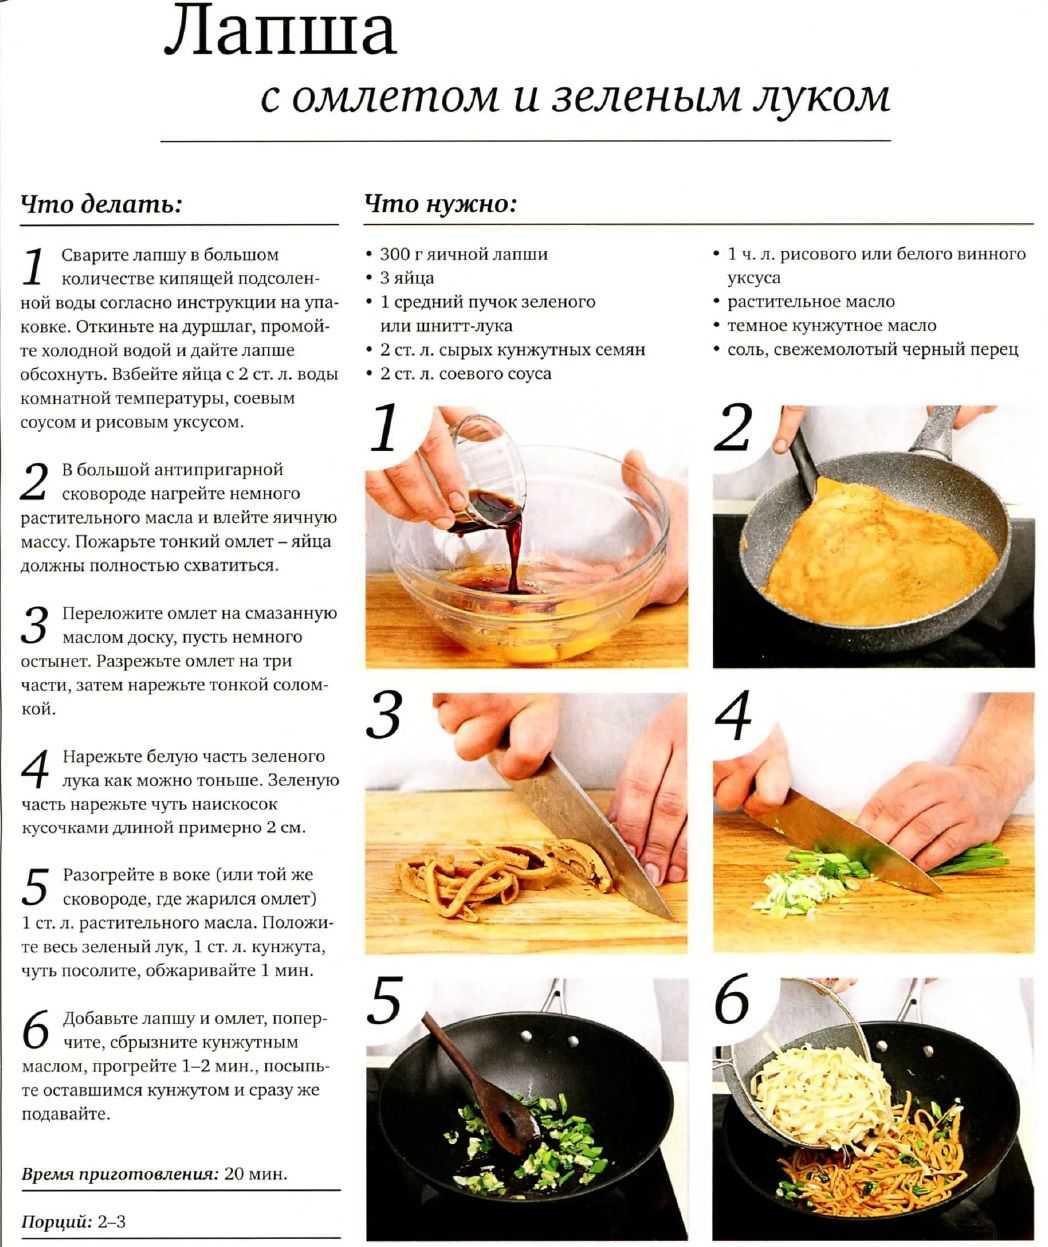 Как из 3 простых продуктов сделать вкуснющий салат Смотри рецепт с пошаговыми фотографиями этапов приготовления Блюдо готовится 2 часа, но результат того стоит Читай комментарии других пользователей о нем или оставляй свой